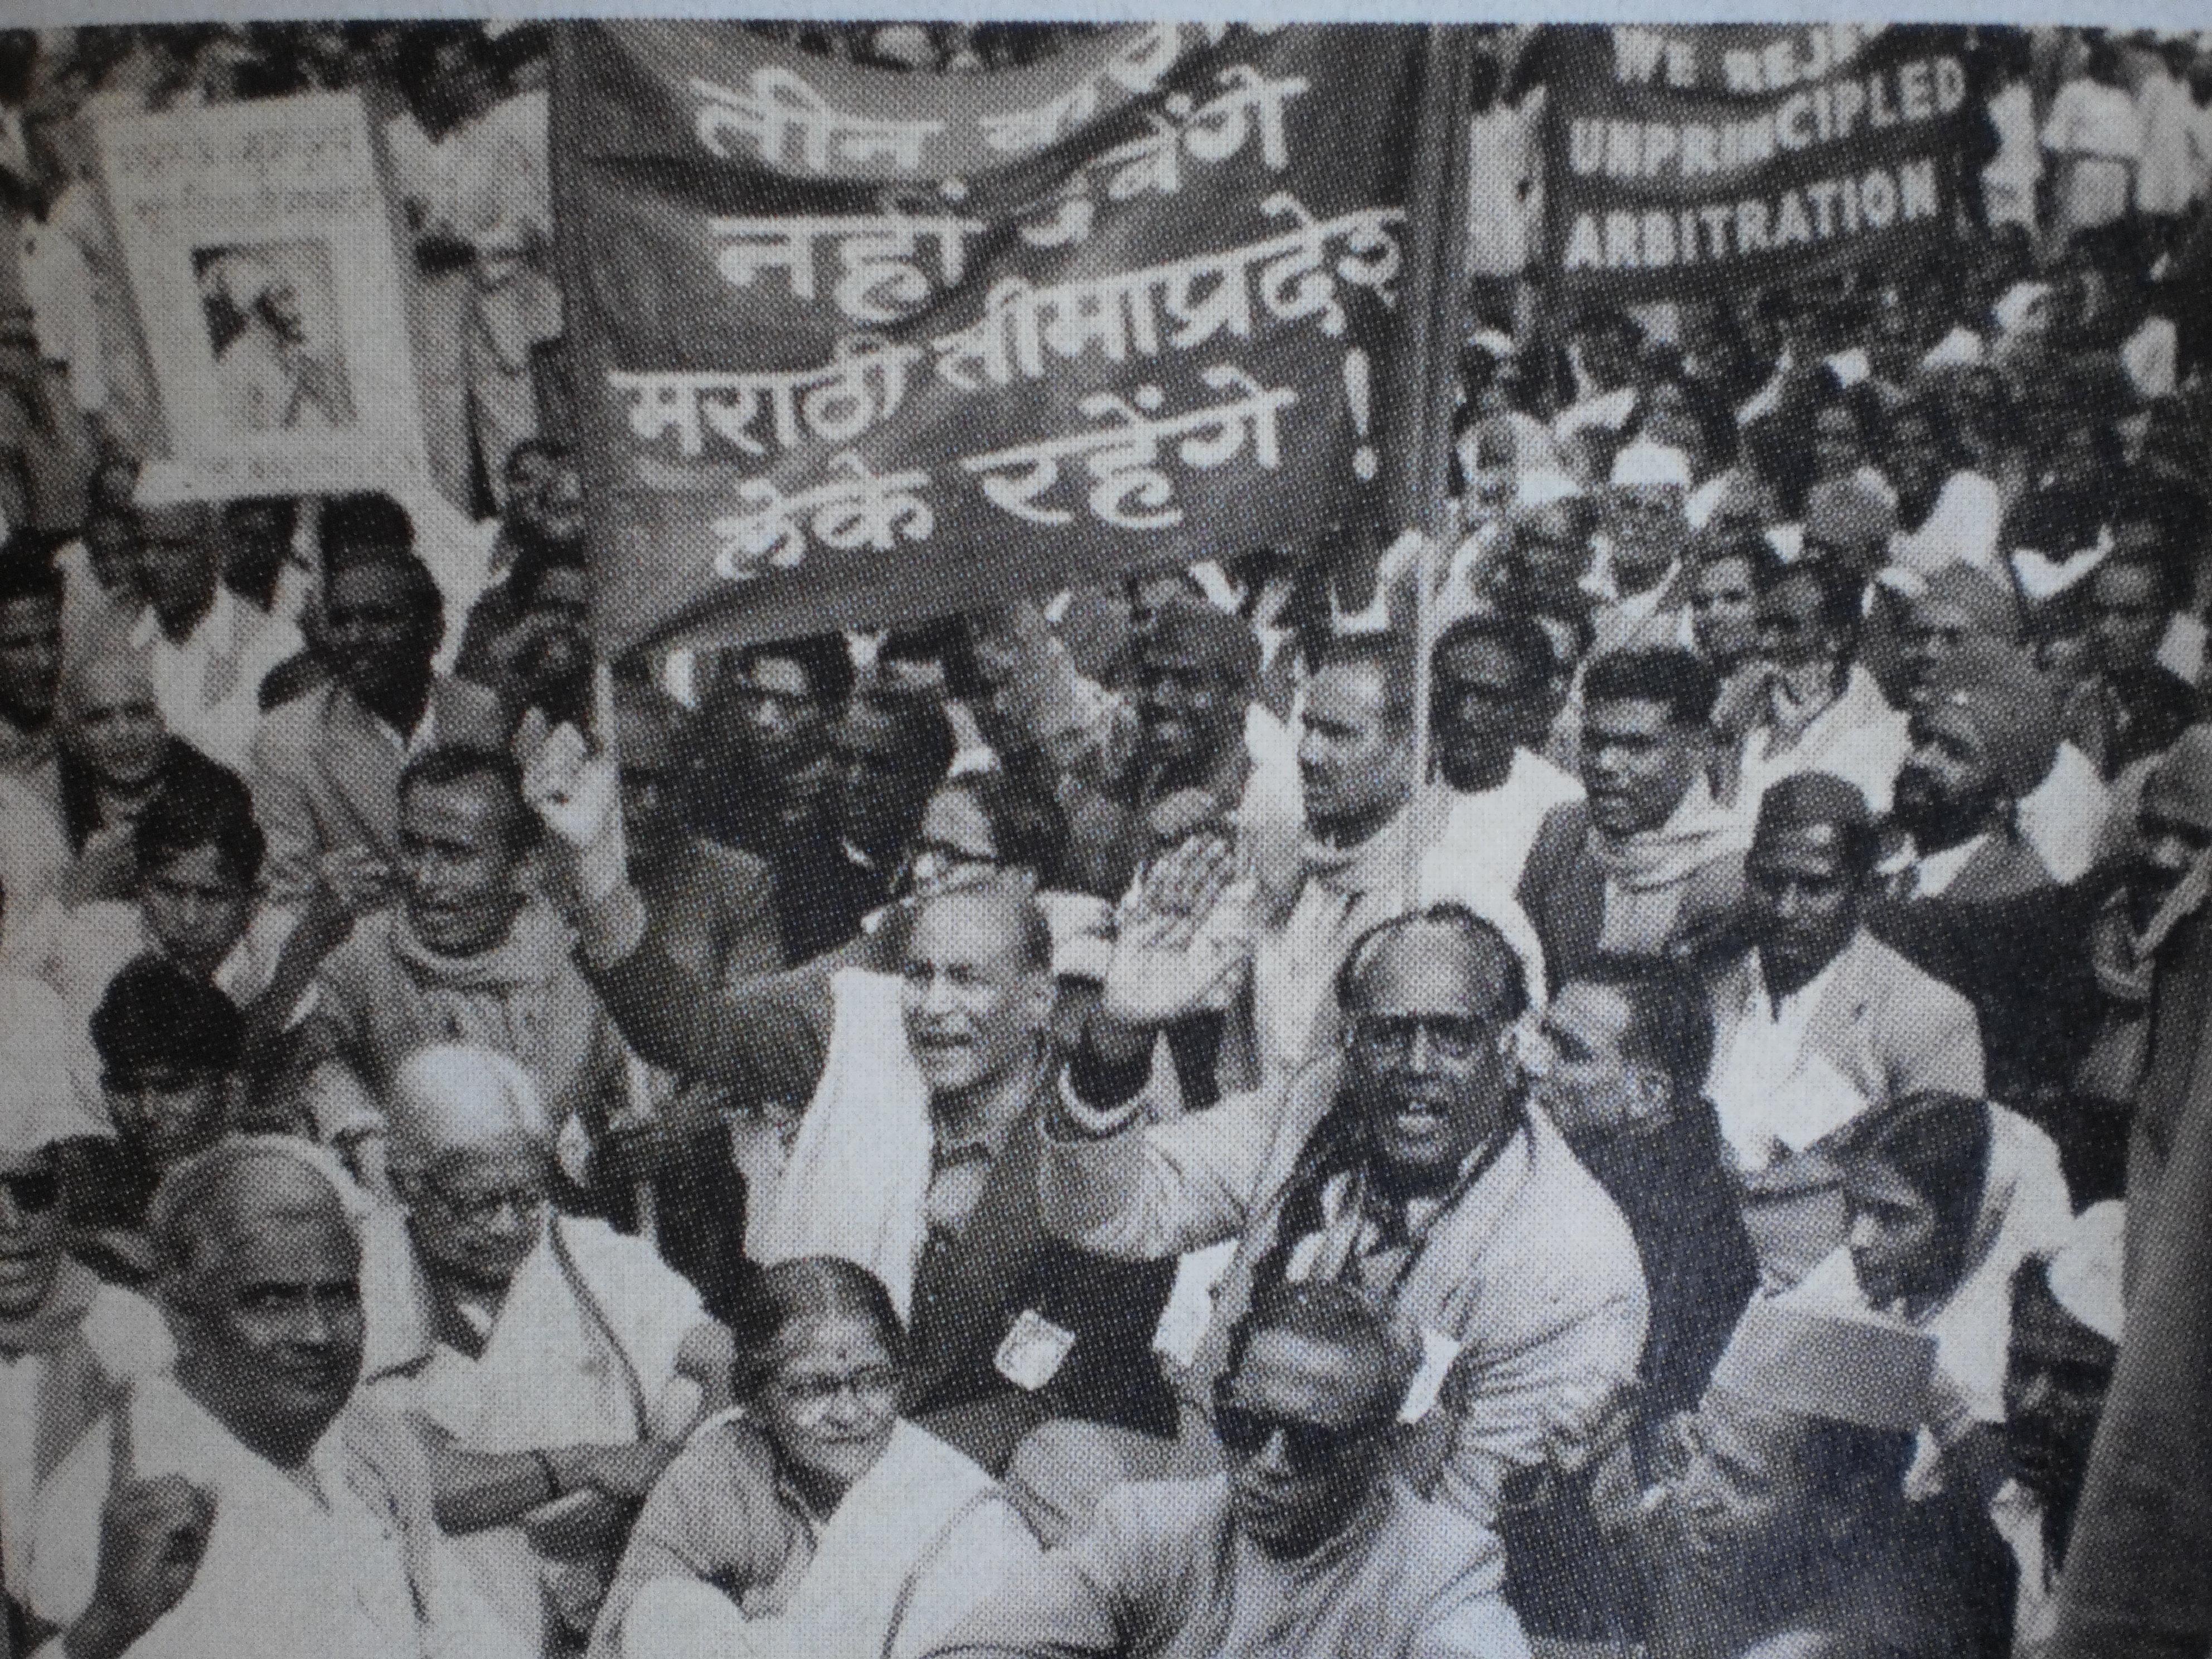 samyukta maharashtra movement.jpg